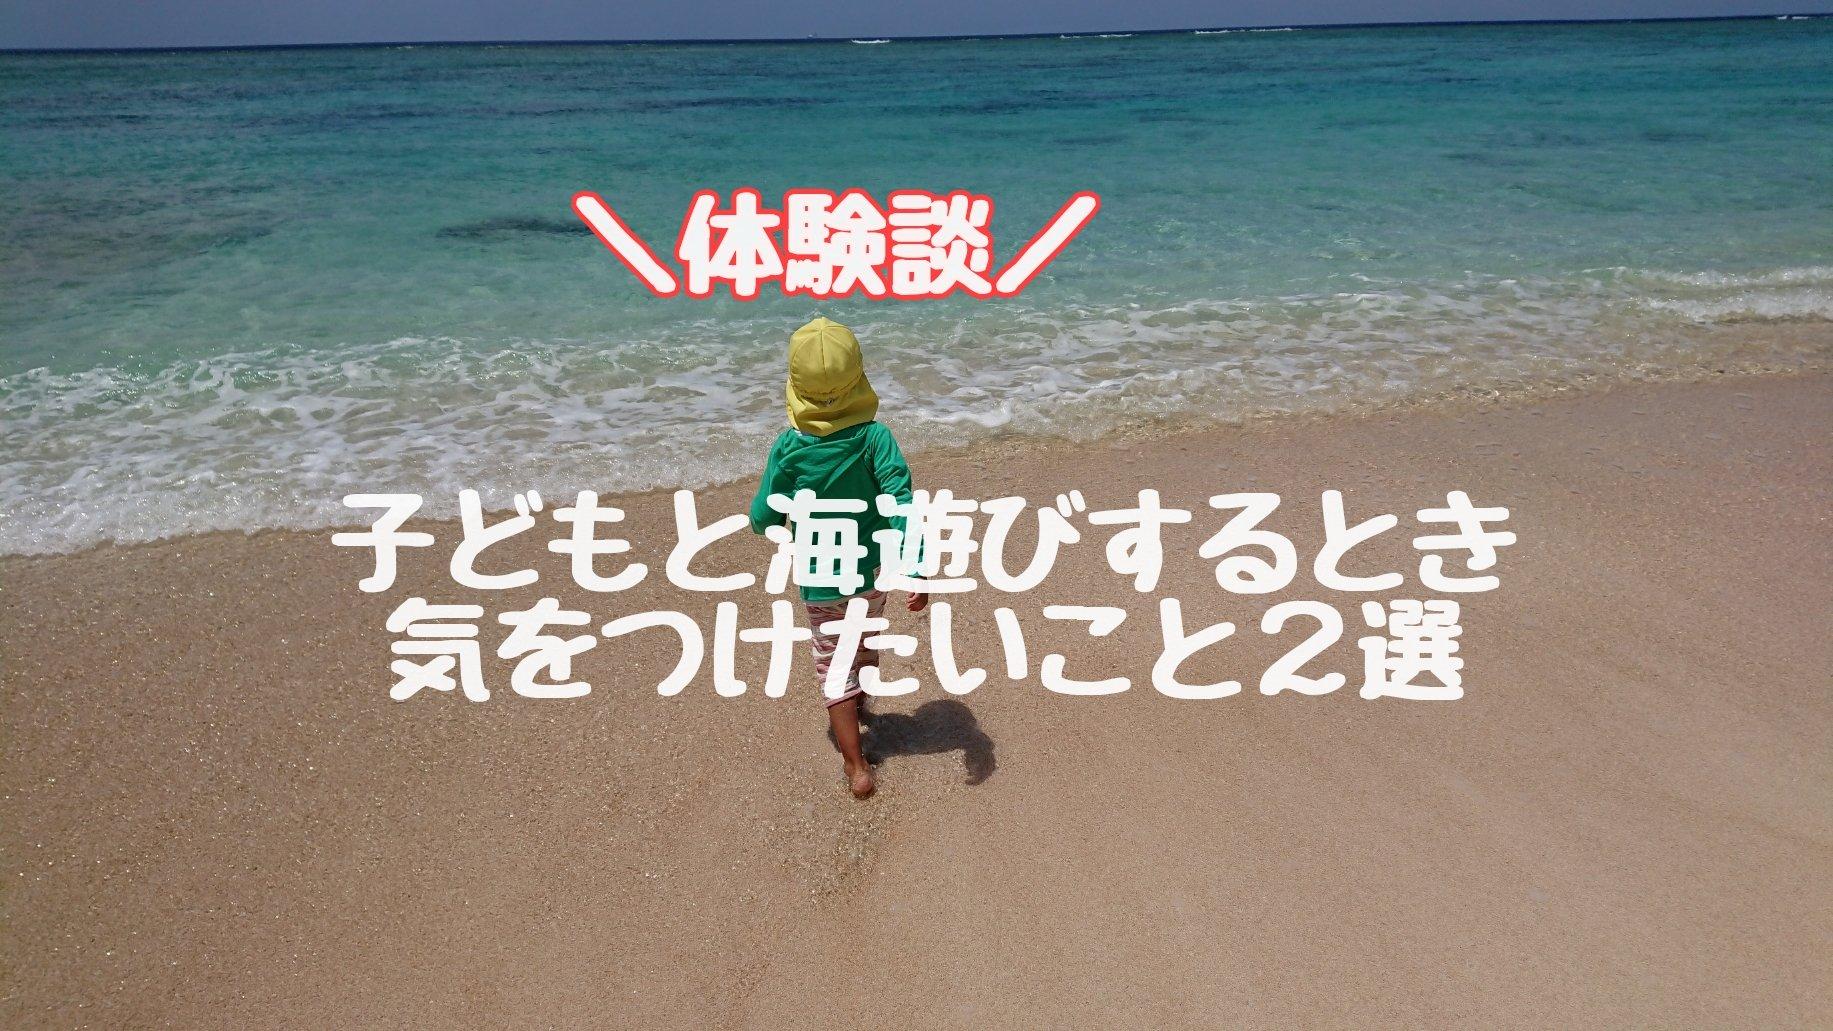 与論島・海遊びで気をつけたいこと